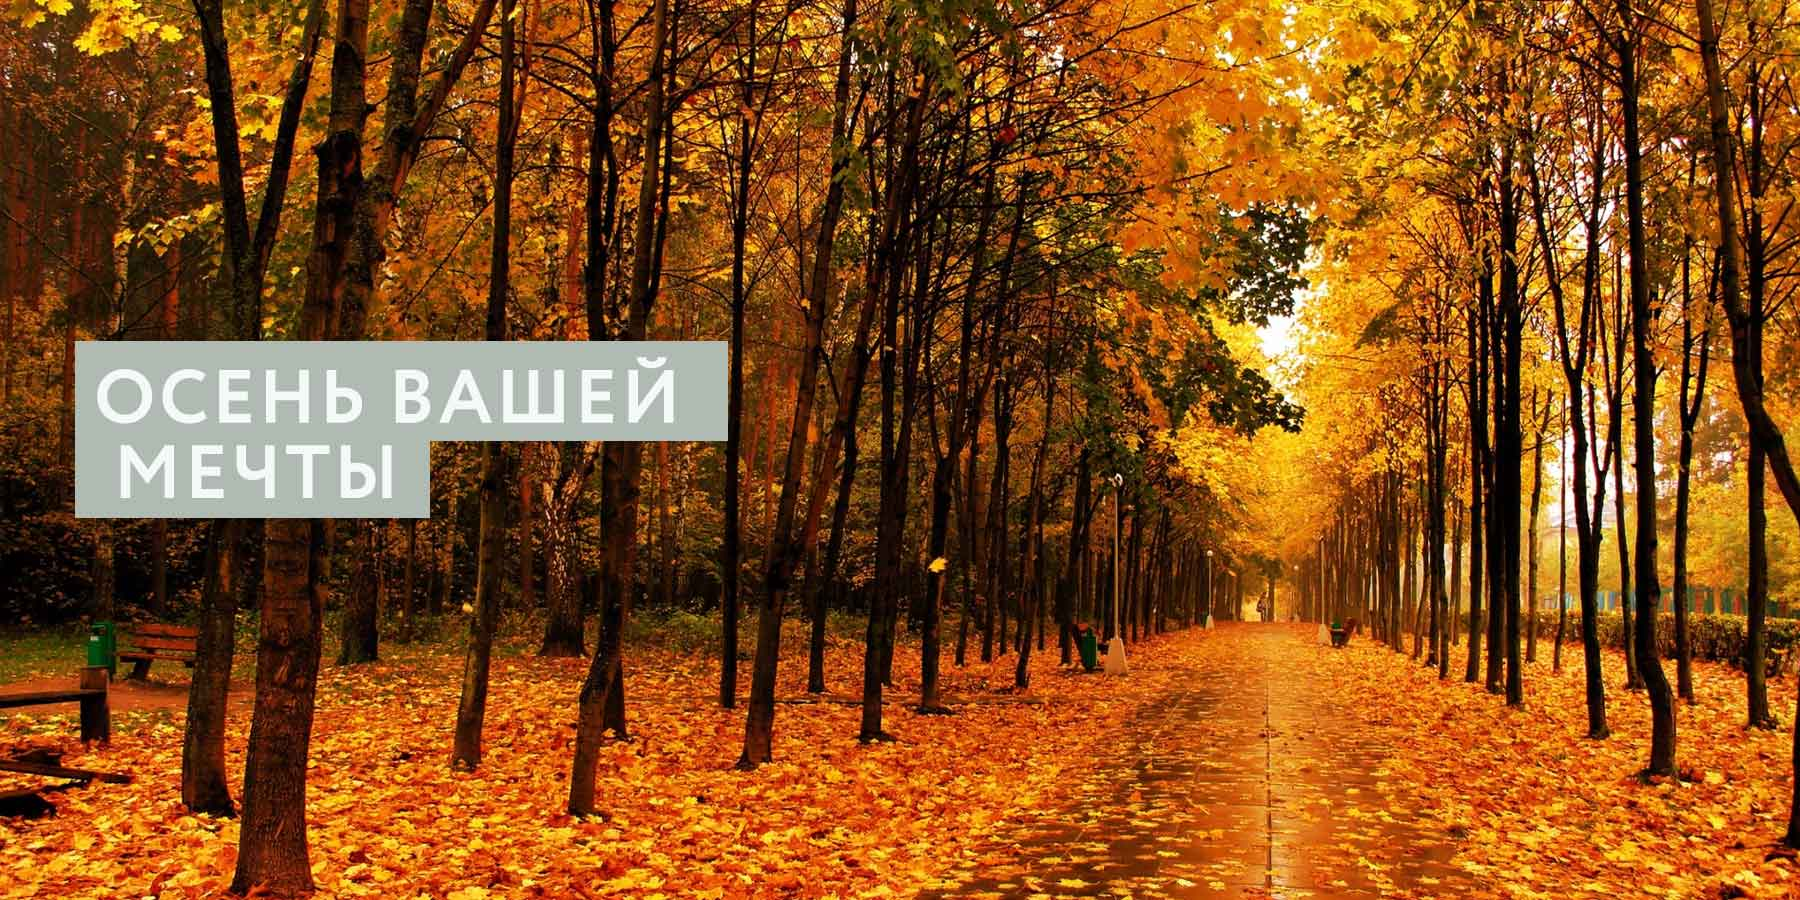 Осень вашей мечты: как подготовиться морально и физически